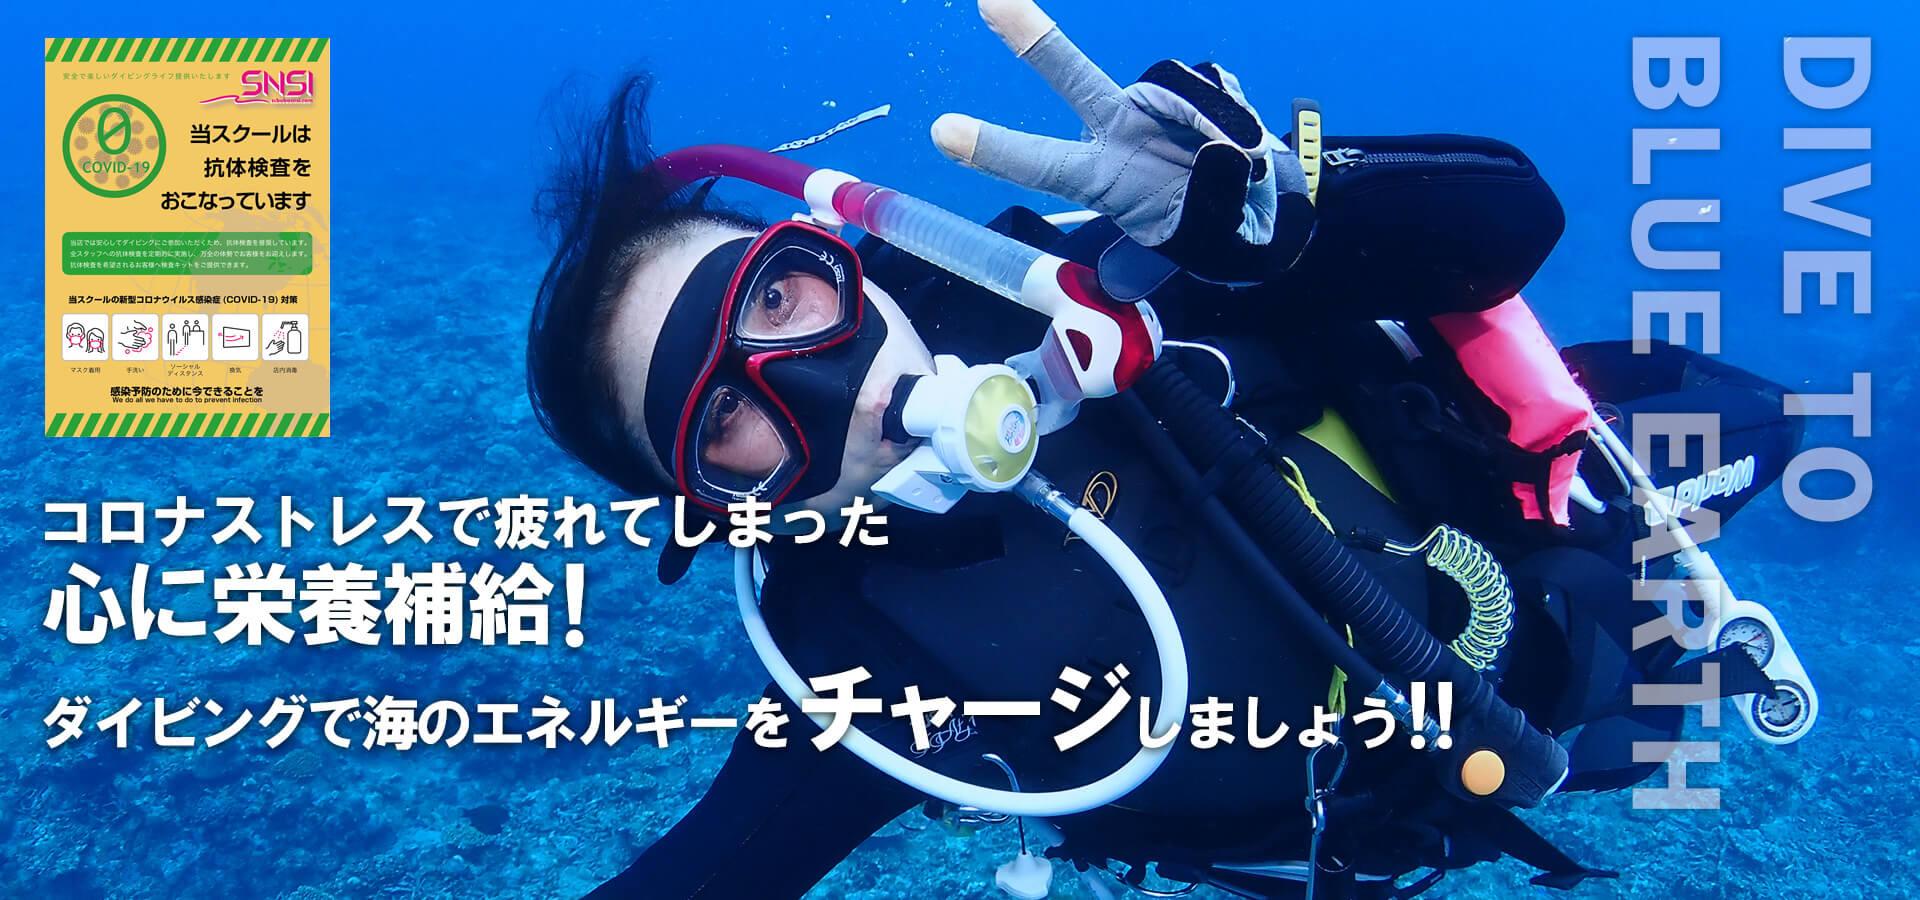 コロナストレスで疲れてしまった心に栄養補給!ダイビングで海のエネルギーをチャージしましょう!!